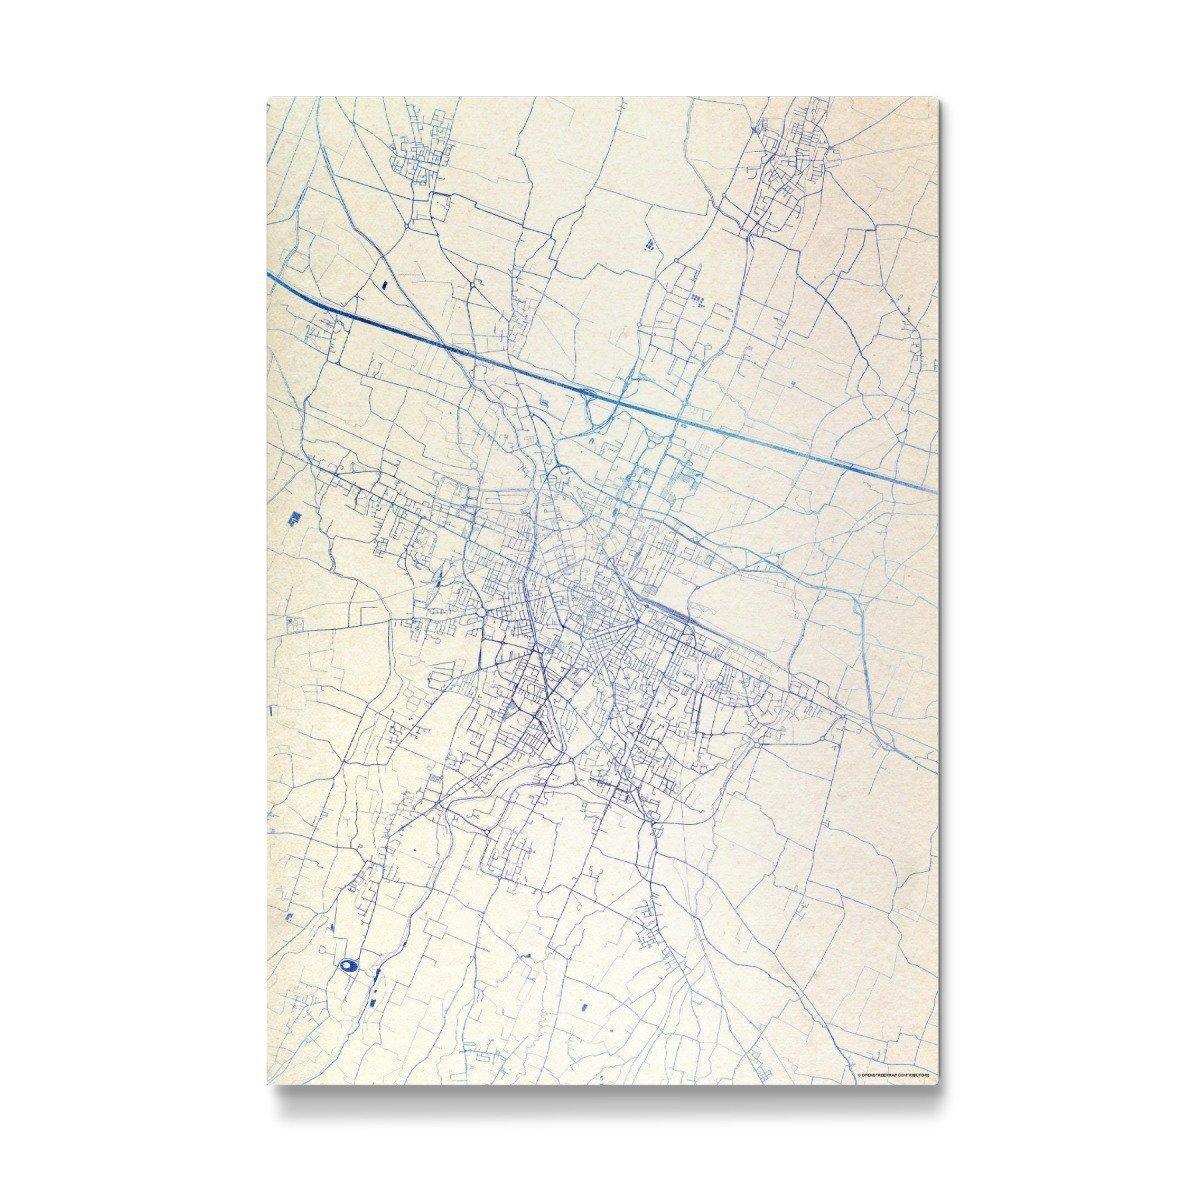 Artboxone Gallery Print 150x100 Cm Reggio Nell Emilia Italy Blue